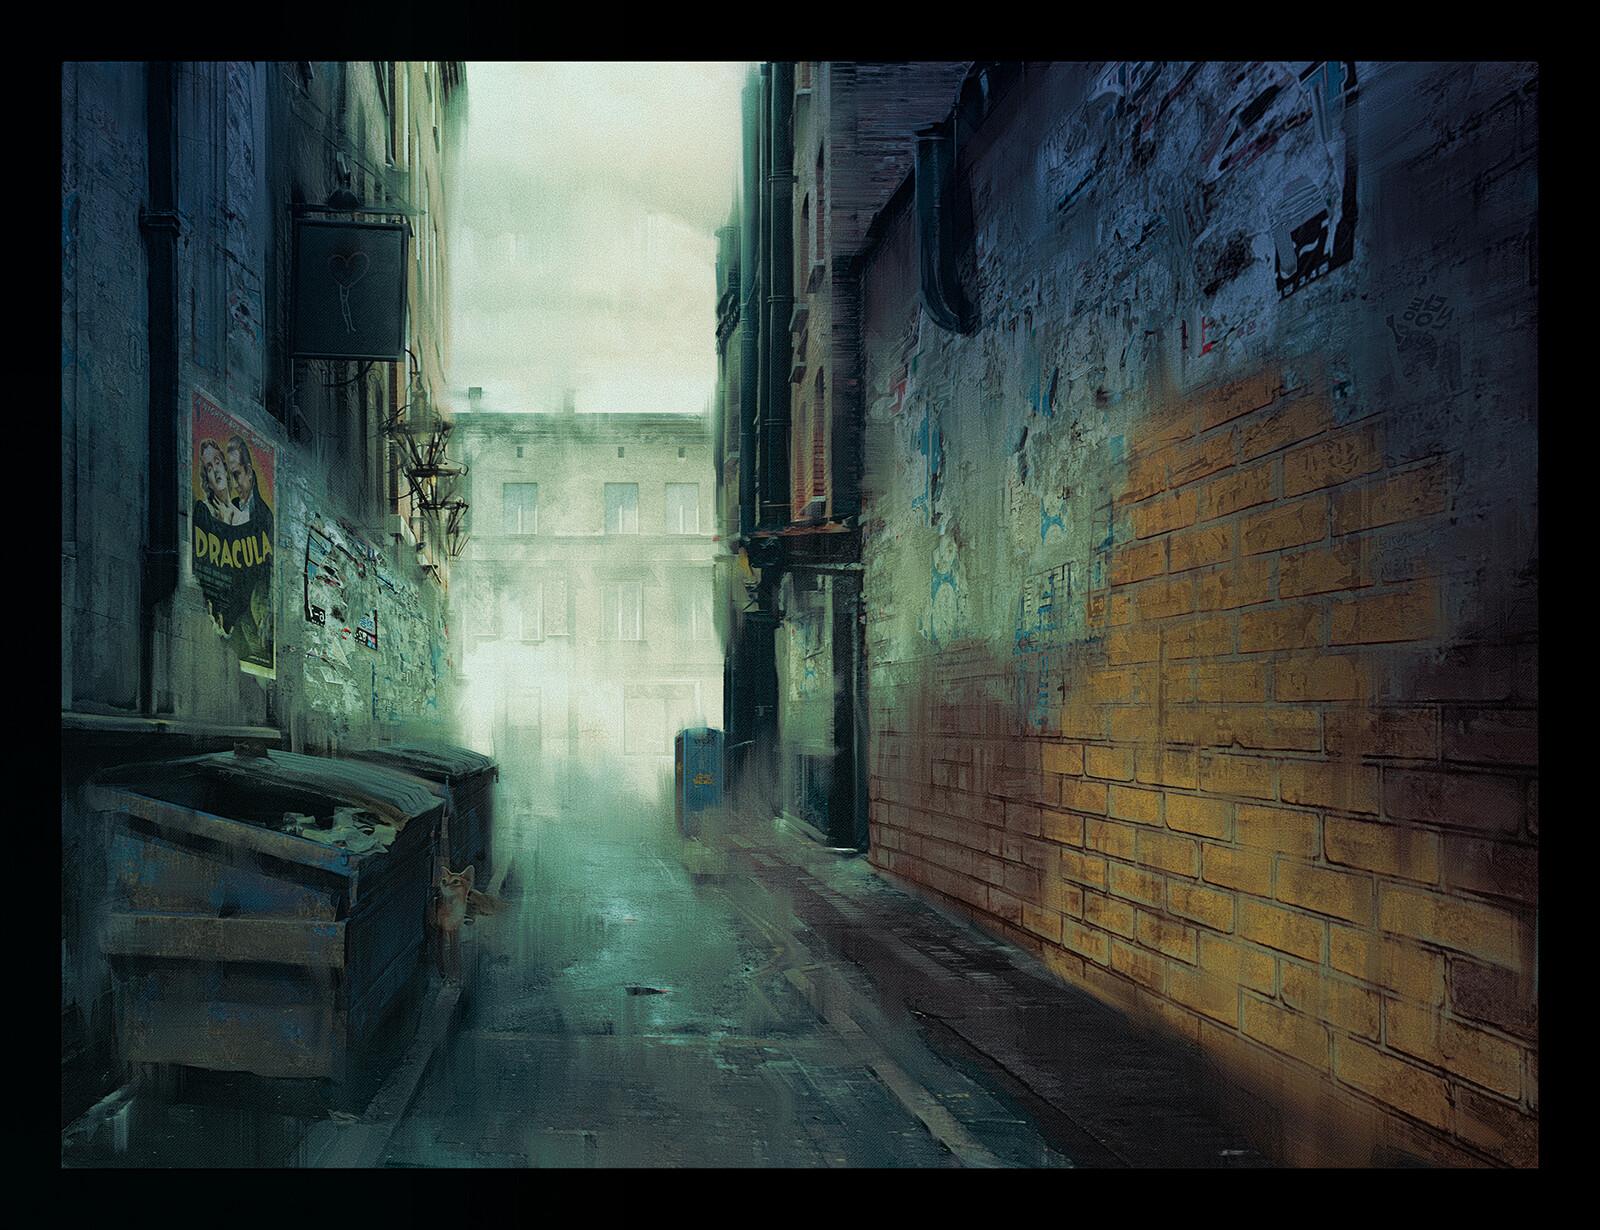 Theatre Alleyway